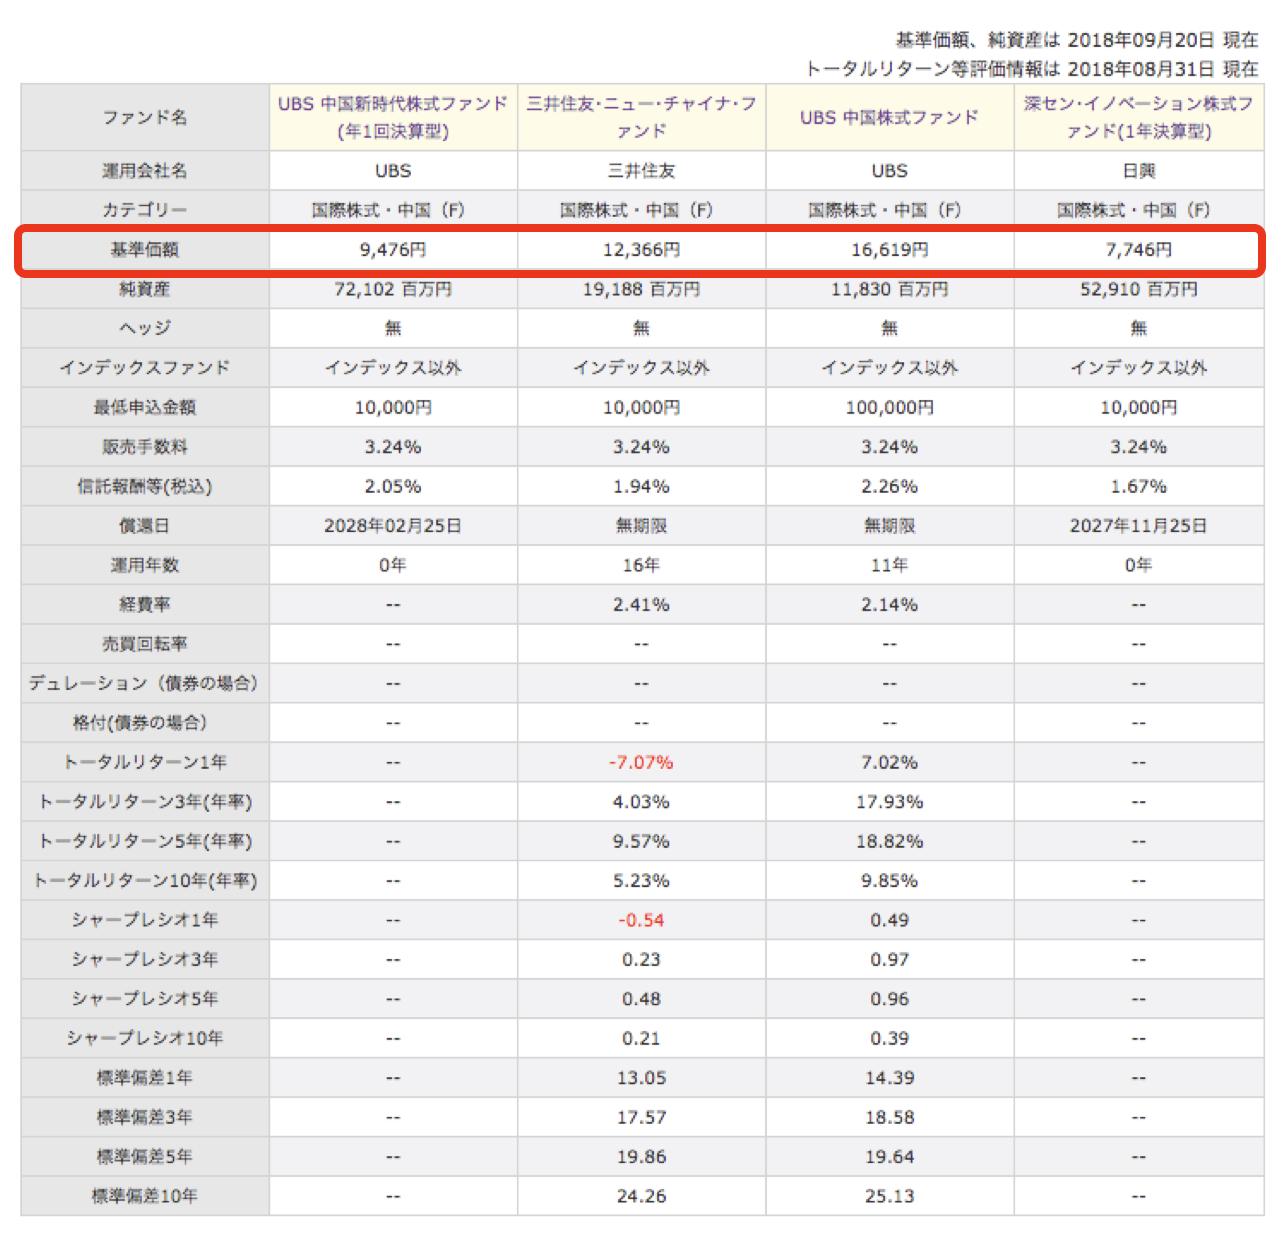 中国株ファンド基準価額比較